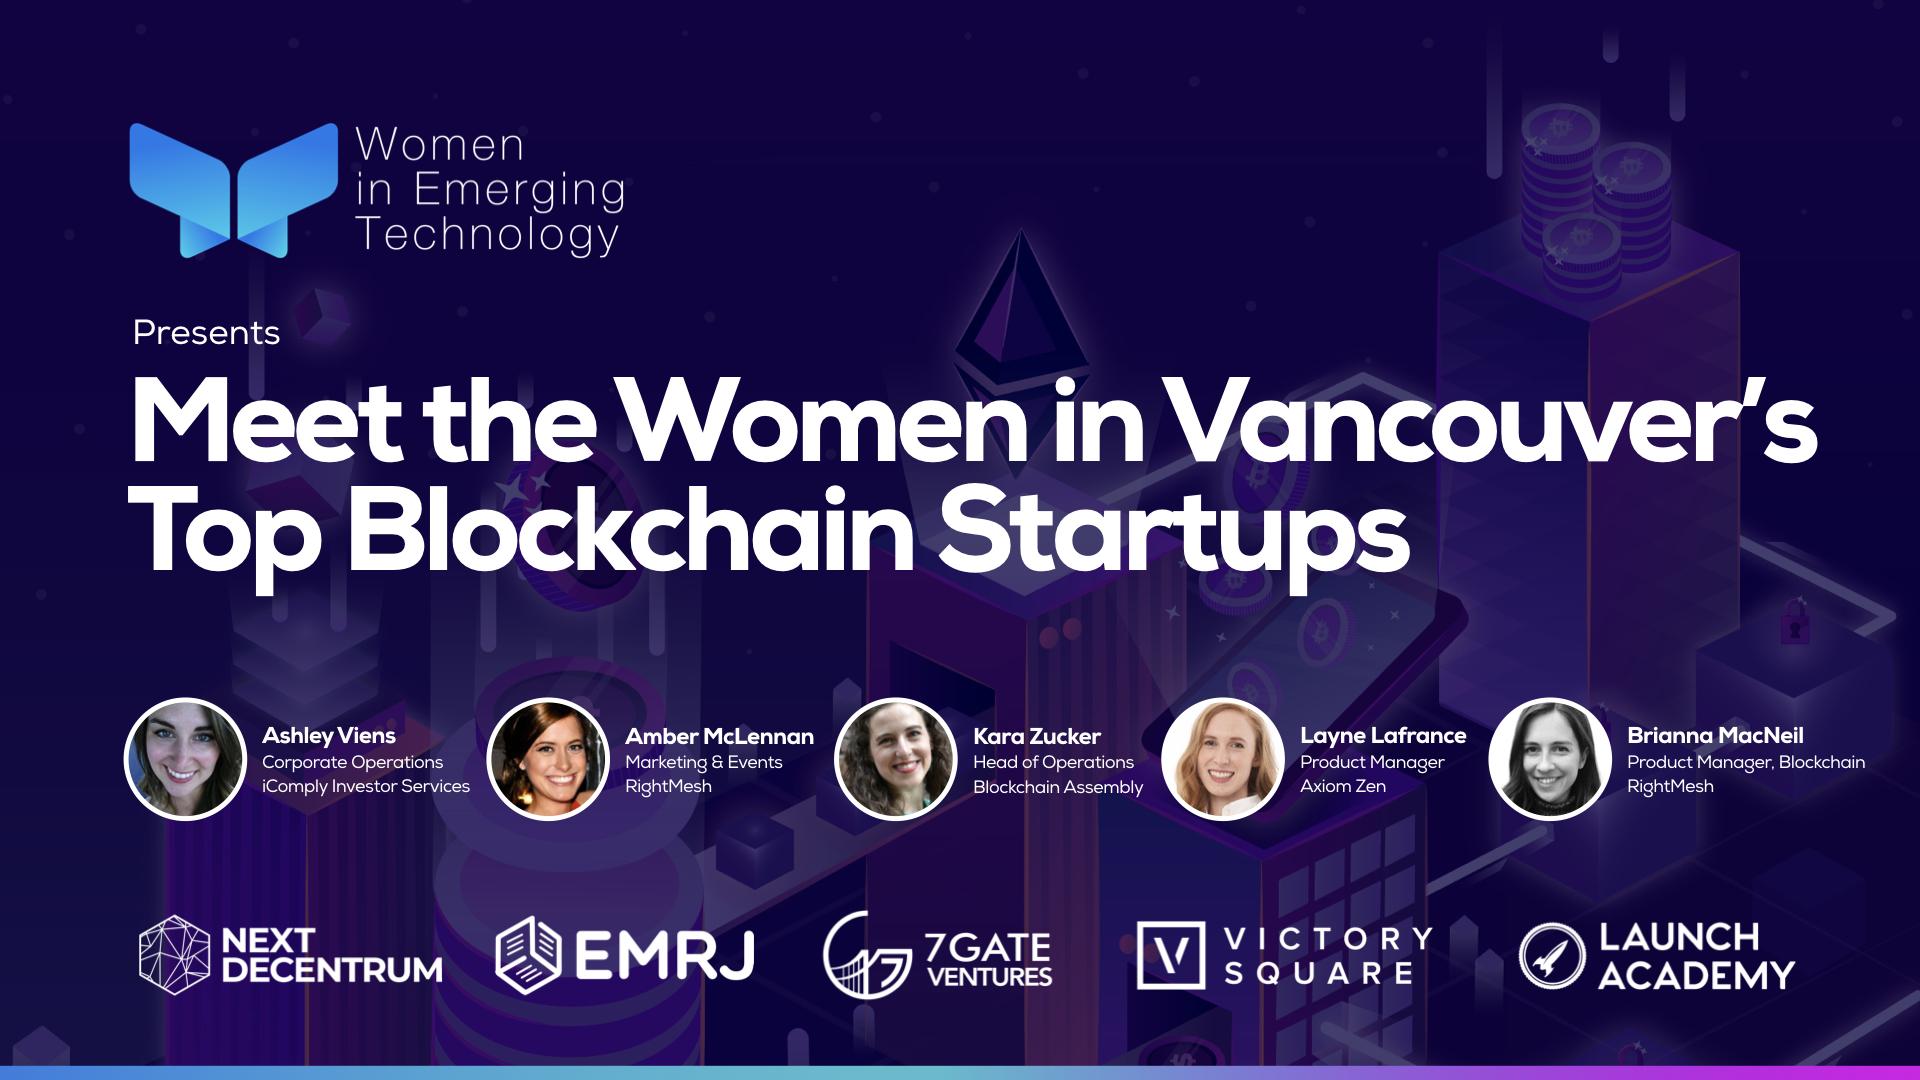 MEET THE WOMEN IN VANCOUVER'S